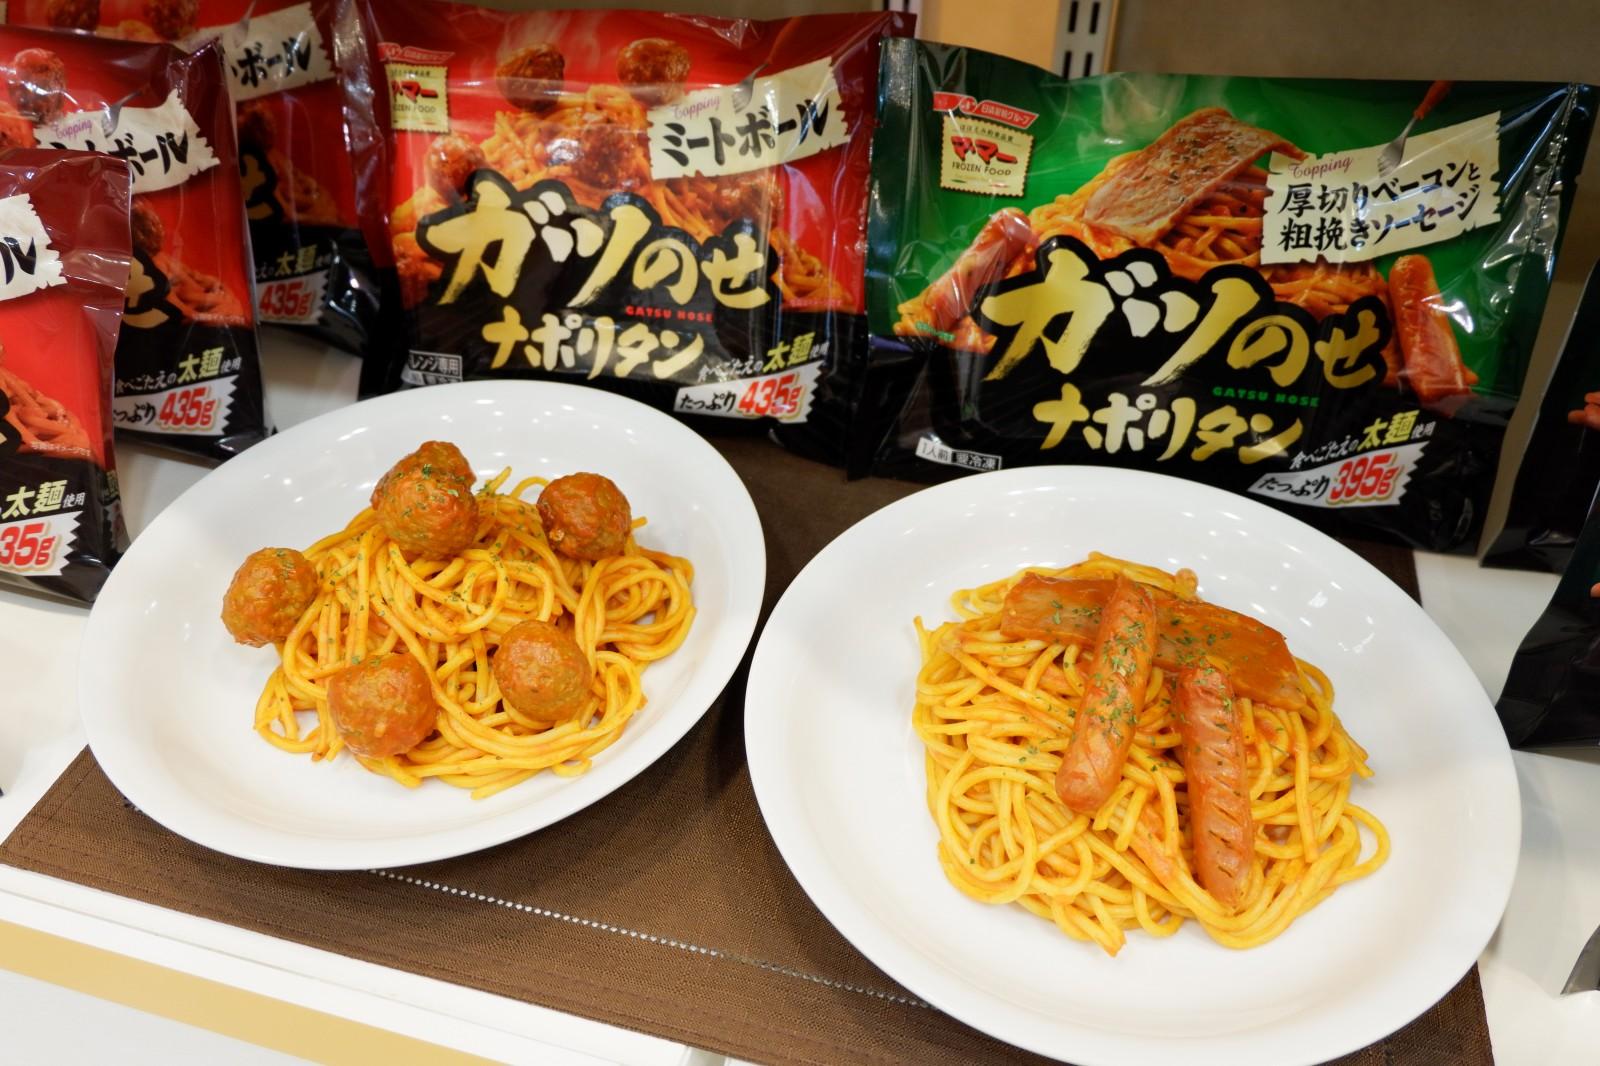 「ガツのせナポリタン」 めんも多いが具も多いという太麺ナポリ、生パスタも新シリーズ(日清フーズ)